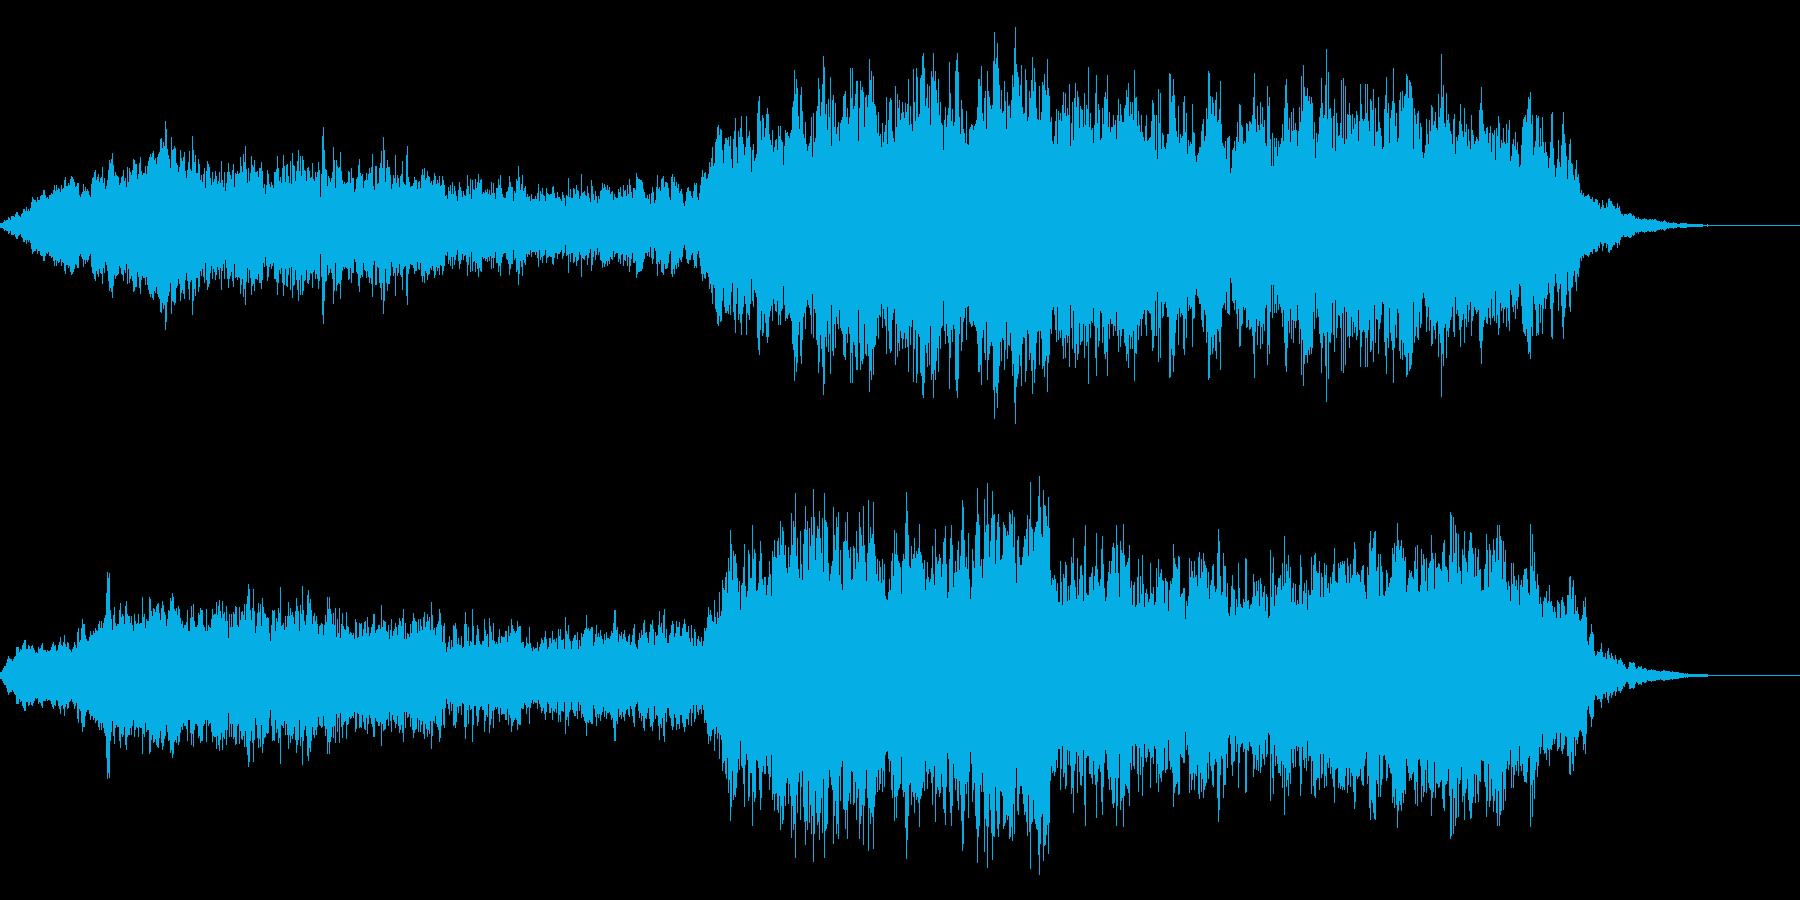 オープニング向けファンタジックなコーラスの再生済みの波形